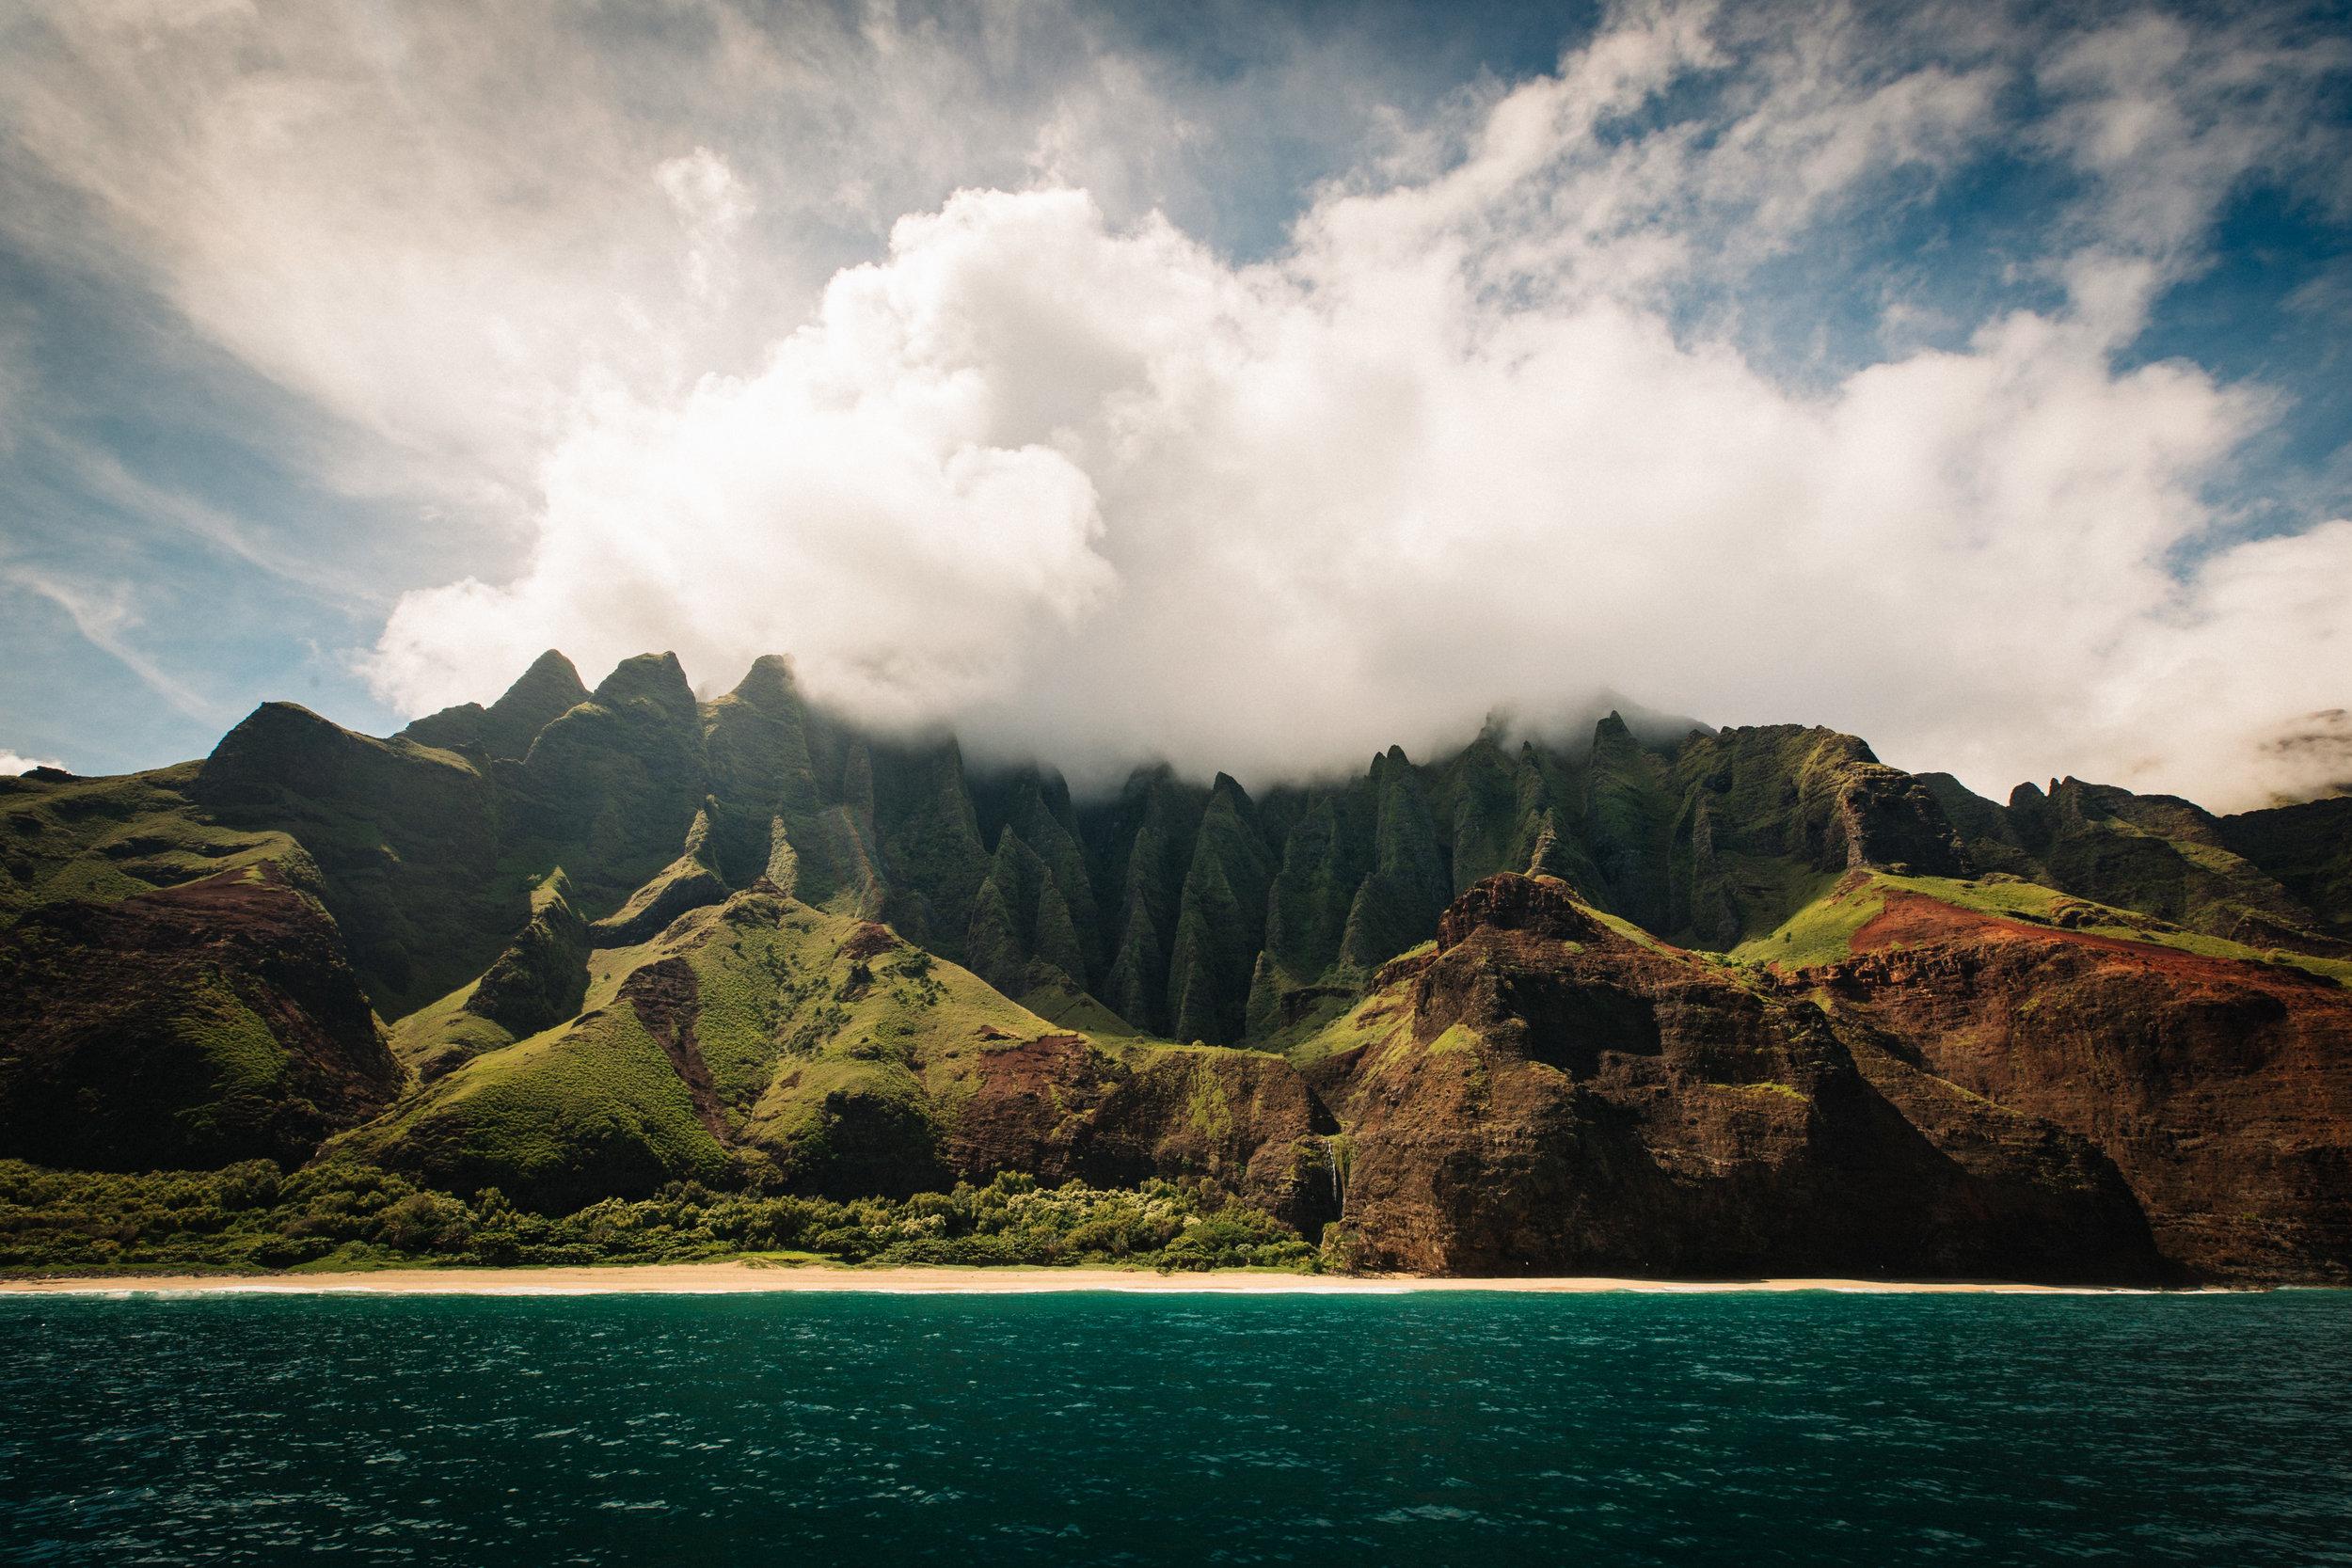 Kauai - Si eres amante del trekking el más espectacular que podrás hacer en Hawaii es el sendero Kalalau. Una ruta de 11 millas que va desde la playa Ke'e a la playa Kalalau a lo largo de la costa de Nepal en la isla de Kauai. El recorrido te dejará sin aliento ante tanta belleza. No olvides la famosa Napali Coast. Puedes ver estos impresionantes acantilados en el lado noroeste de la isla en barco, en helicóptero o haciendo senderismo por Kalalau. Las vistas del Waimea Canyon son otra parada que debe estar programada en tu visita.